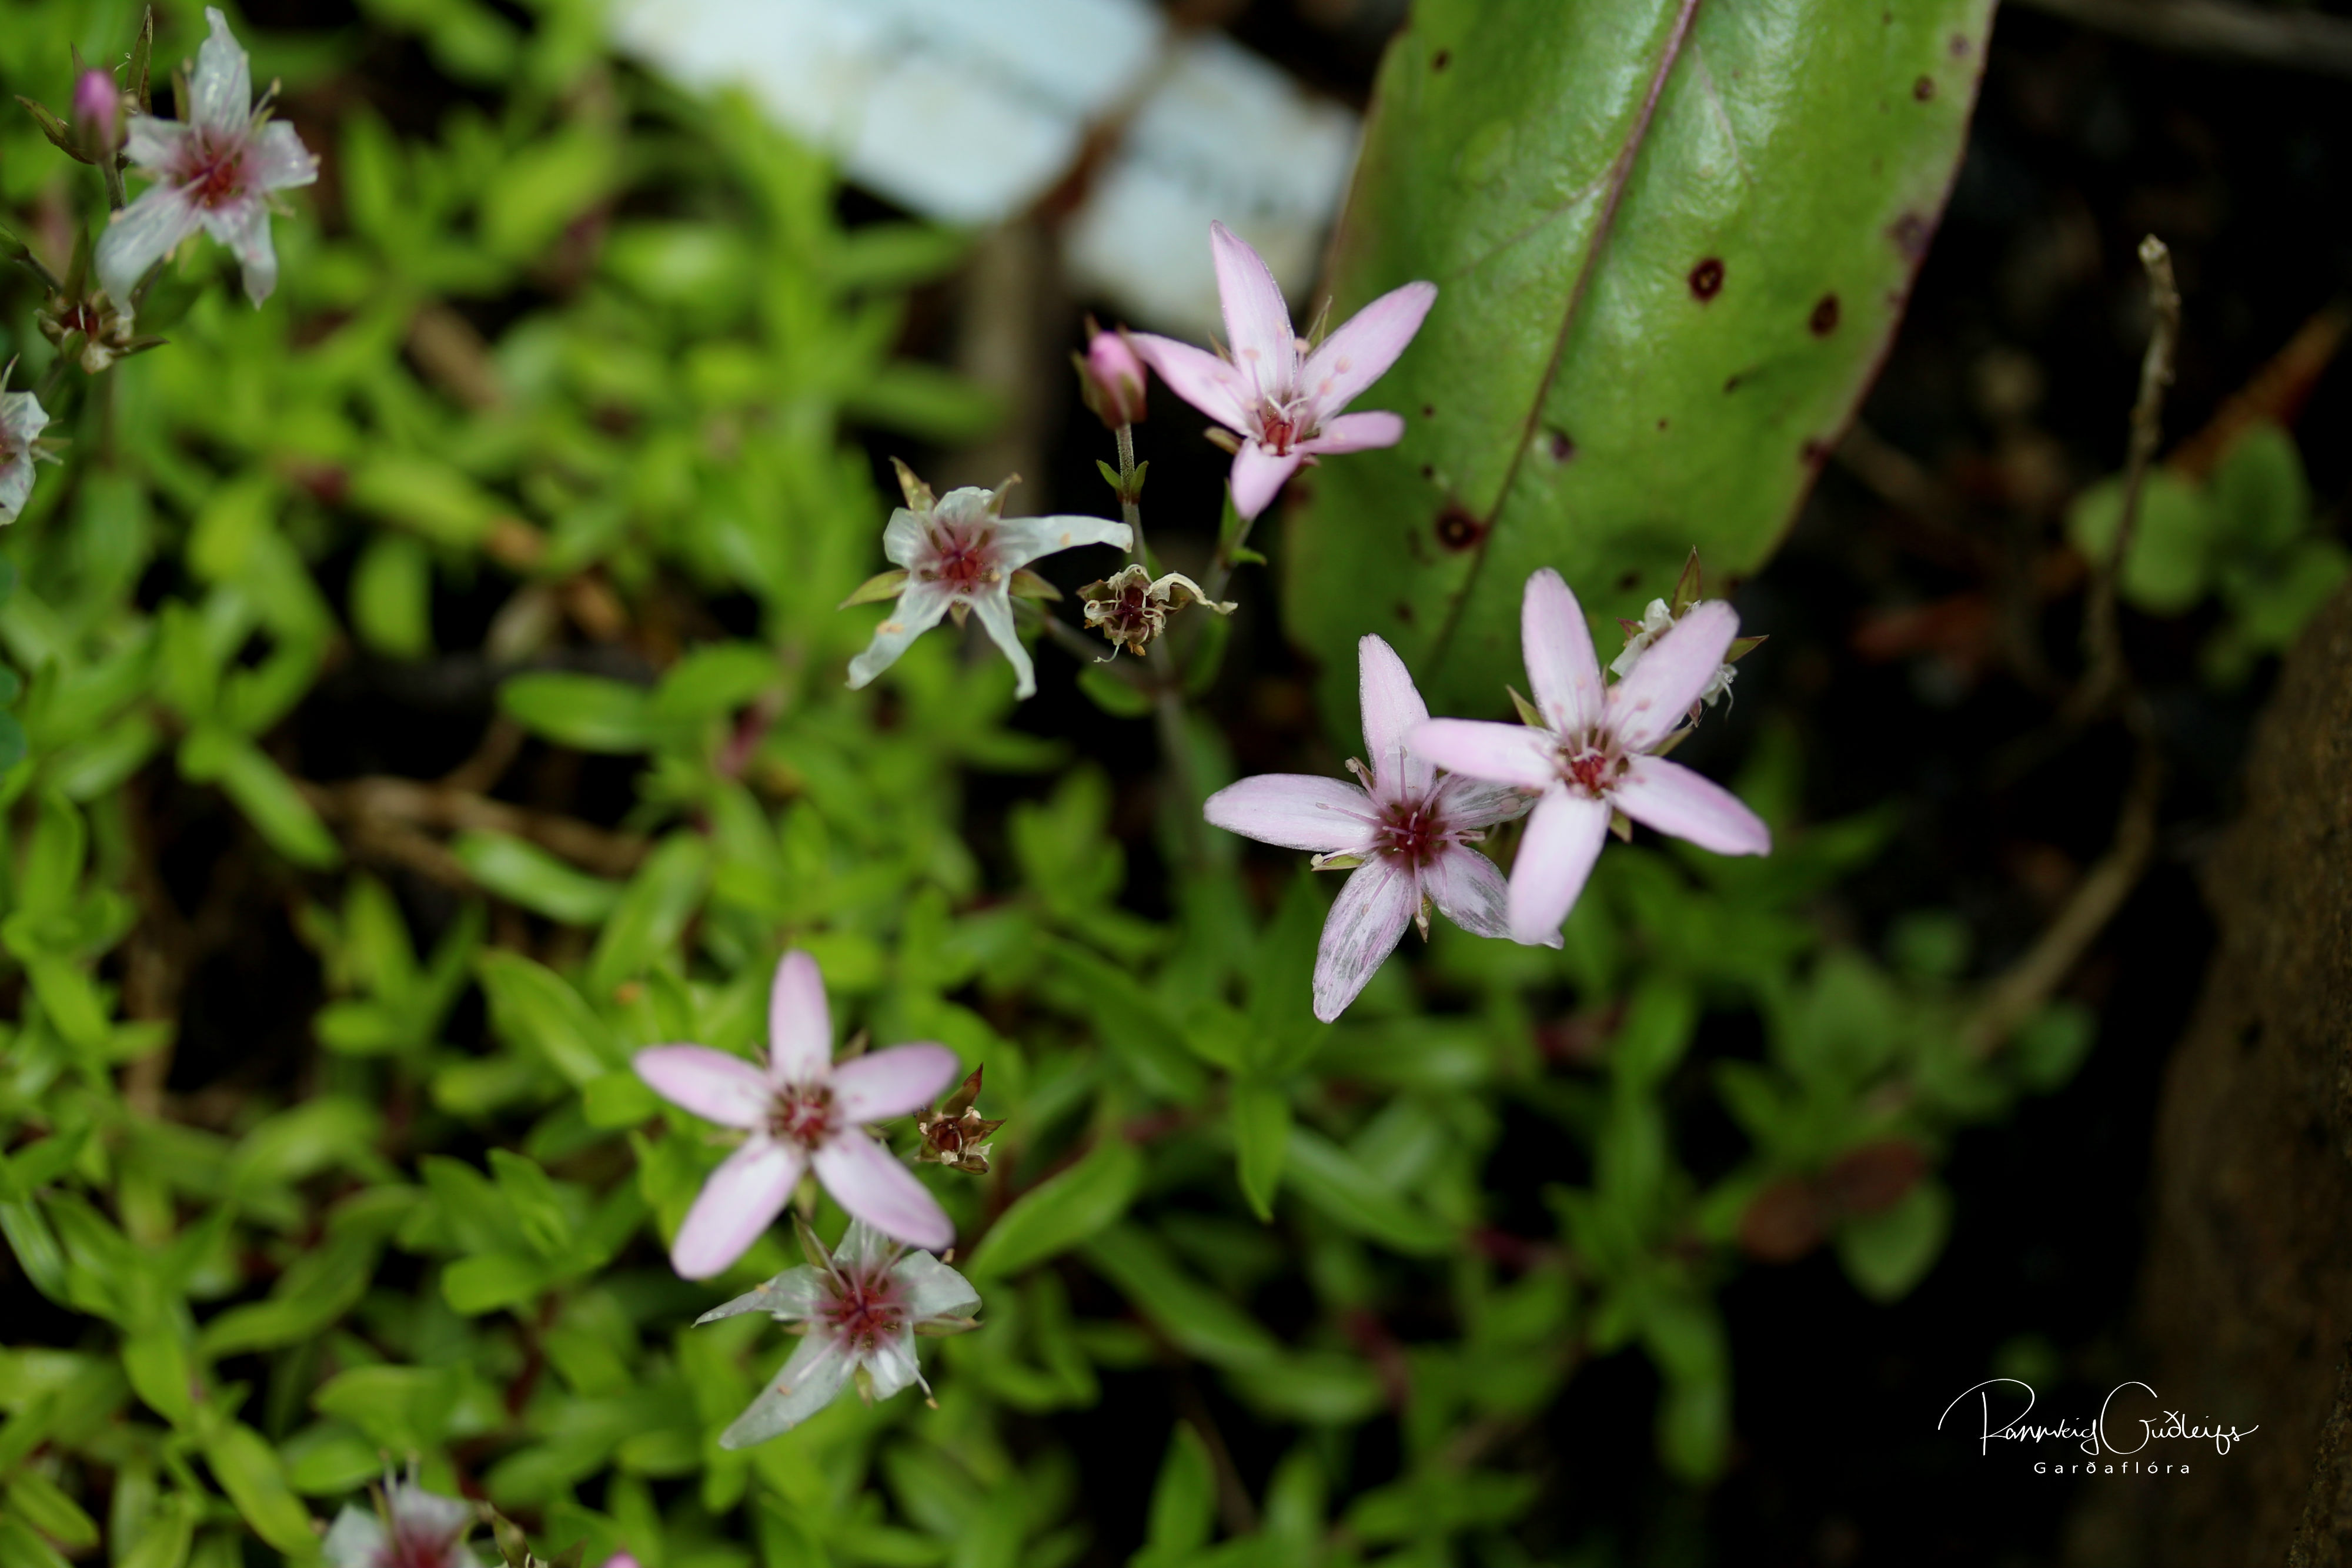 Arenaria purpurascens